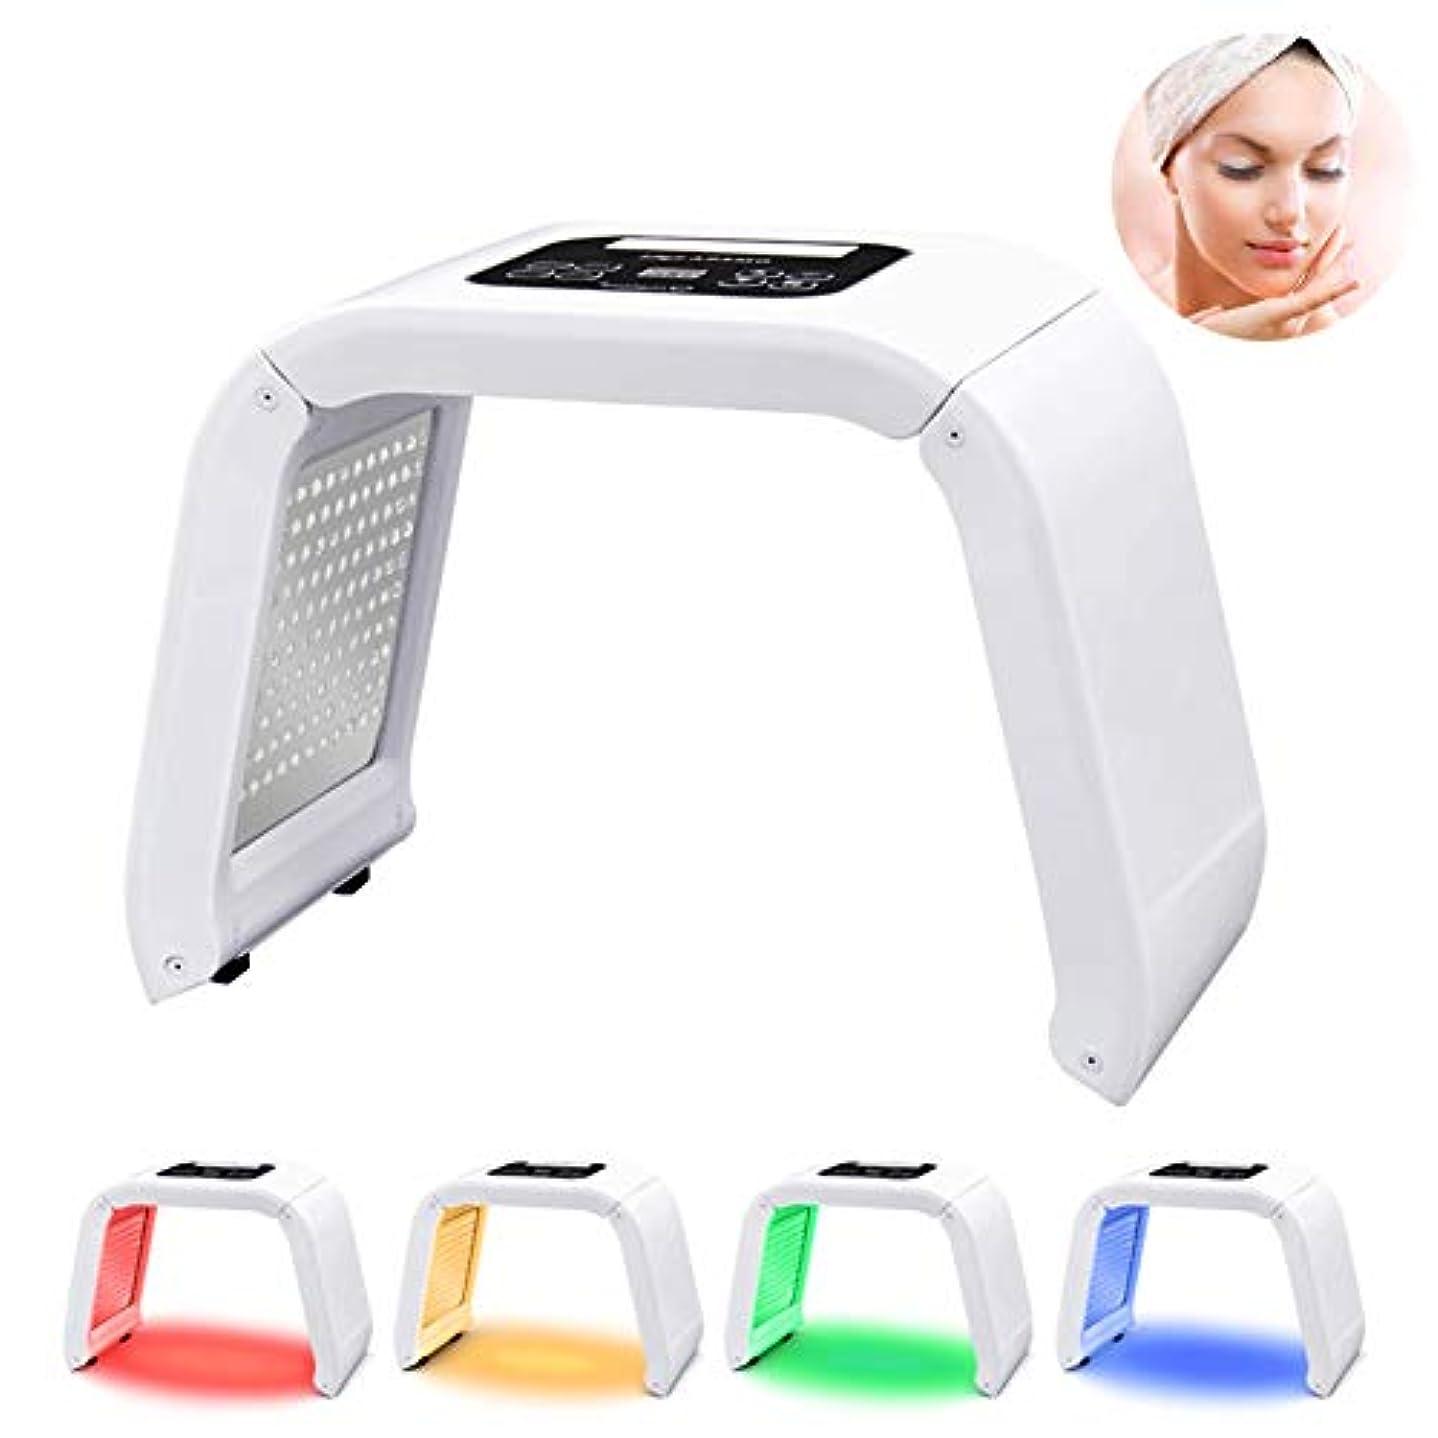 研究ピース二年生PDT 4-In-1 LEDライト光線療法電気スキンケア美容装置家庭用多機能体の美容スキンケア分光器のマシン女性のための完璧なギフト